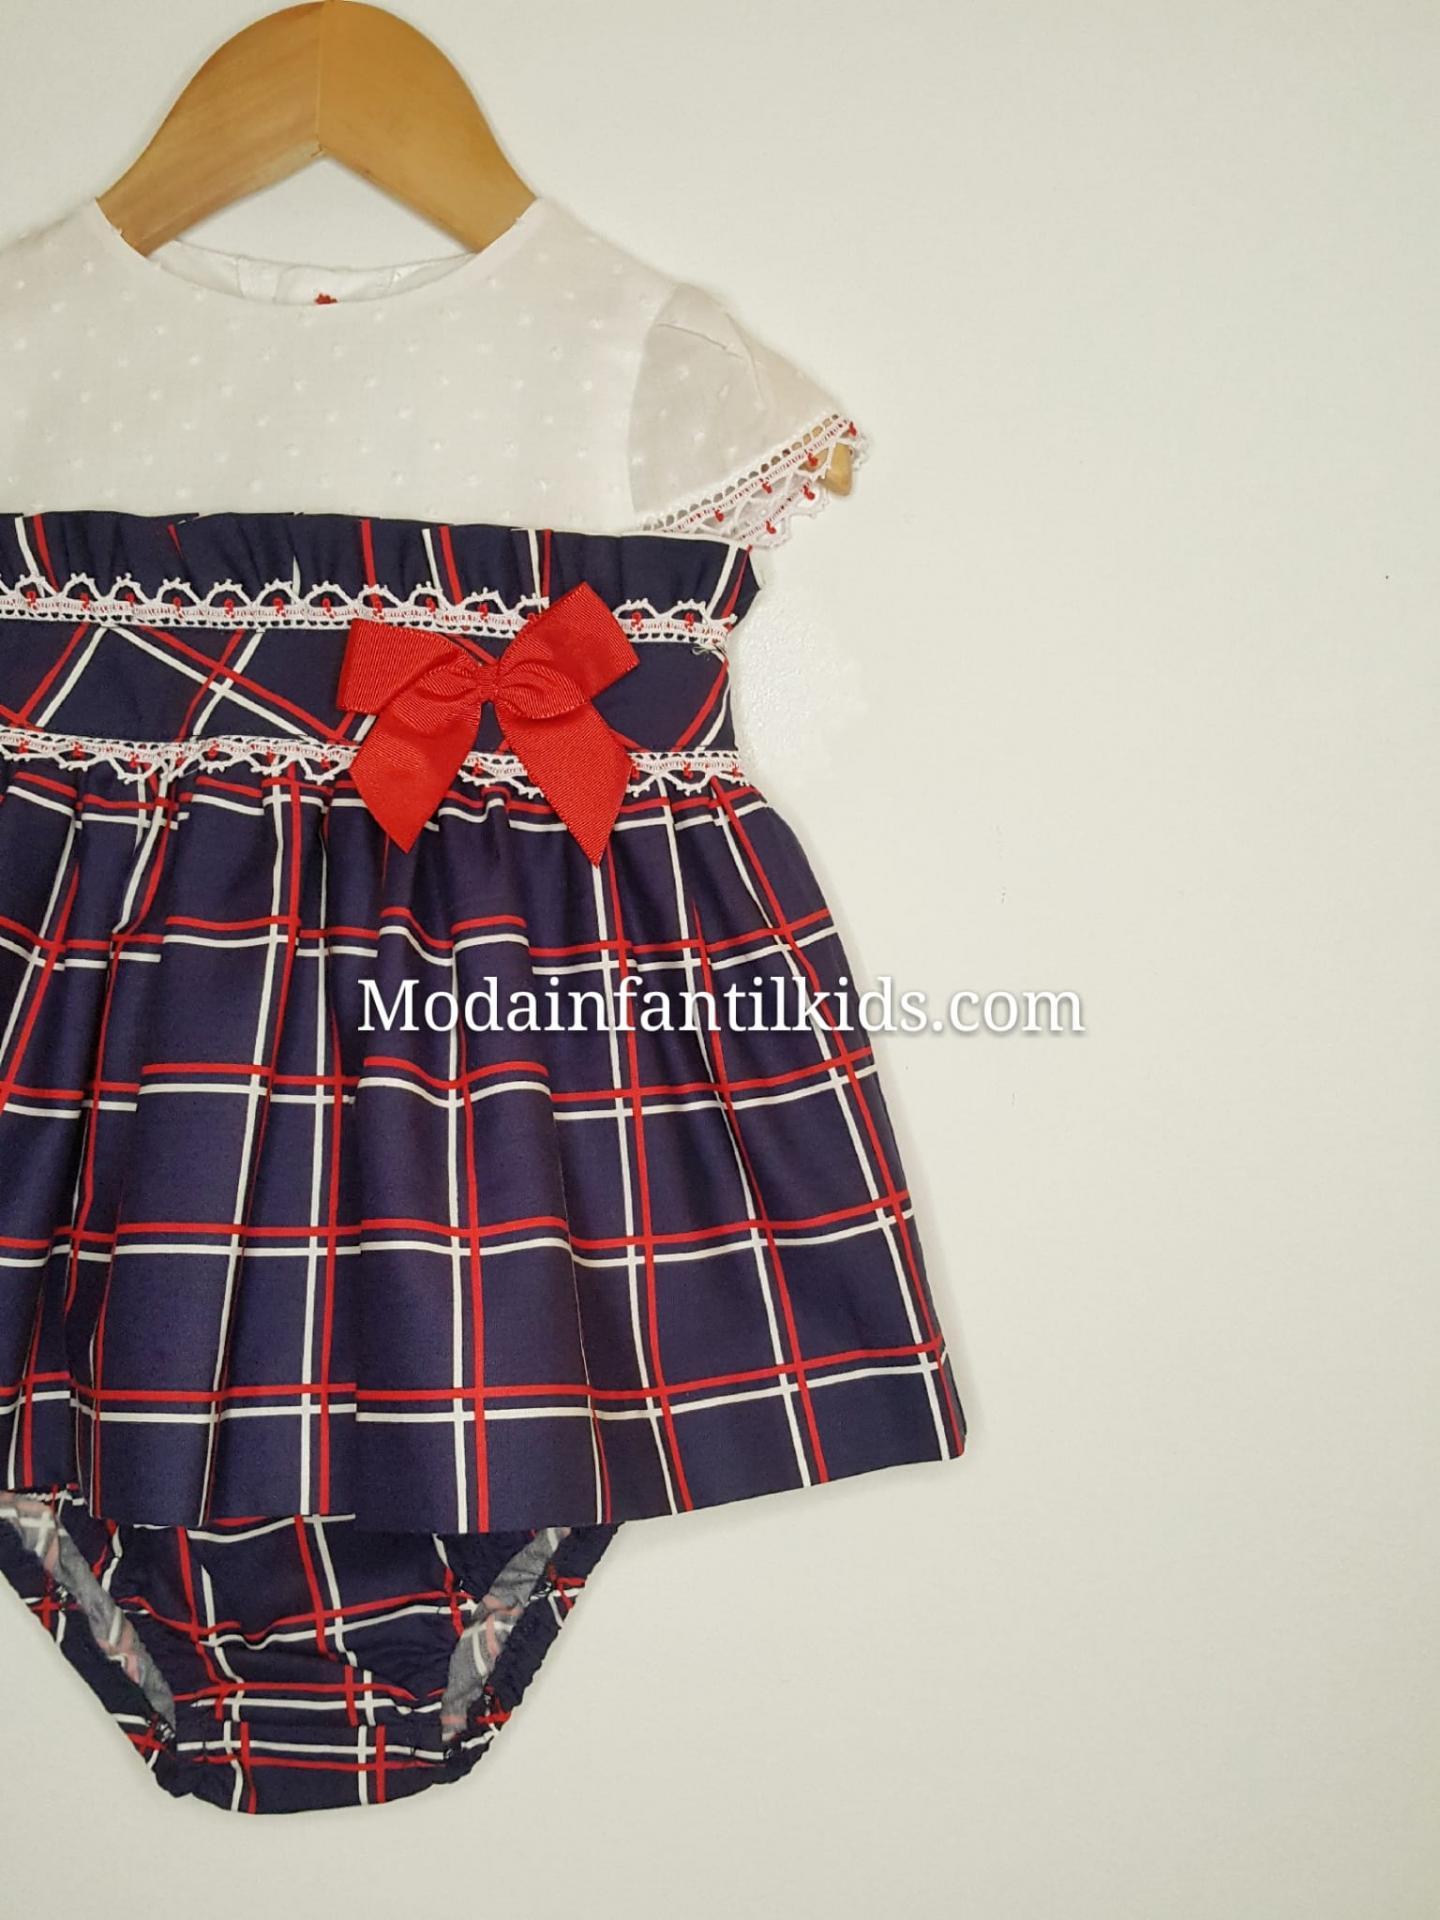 Miranda-156 VB-Vestido-bebe-marino-cuadros-rojos-y-blancos